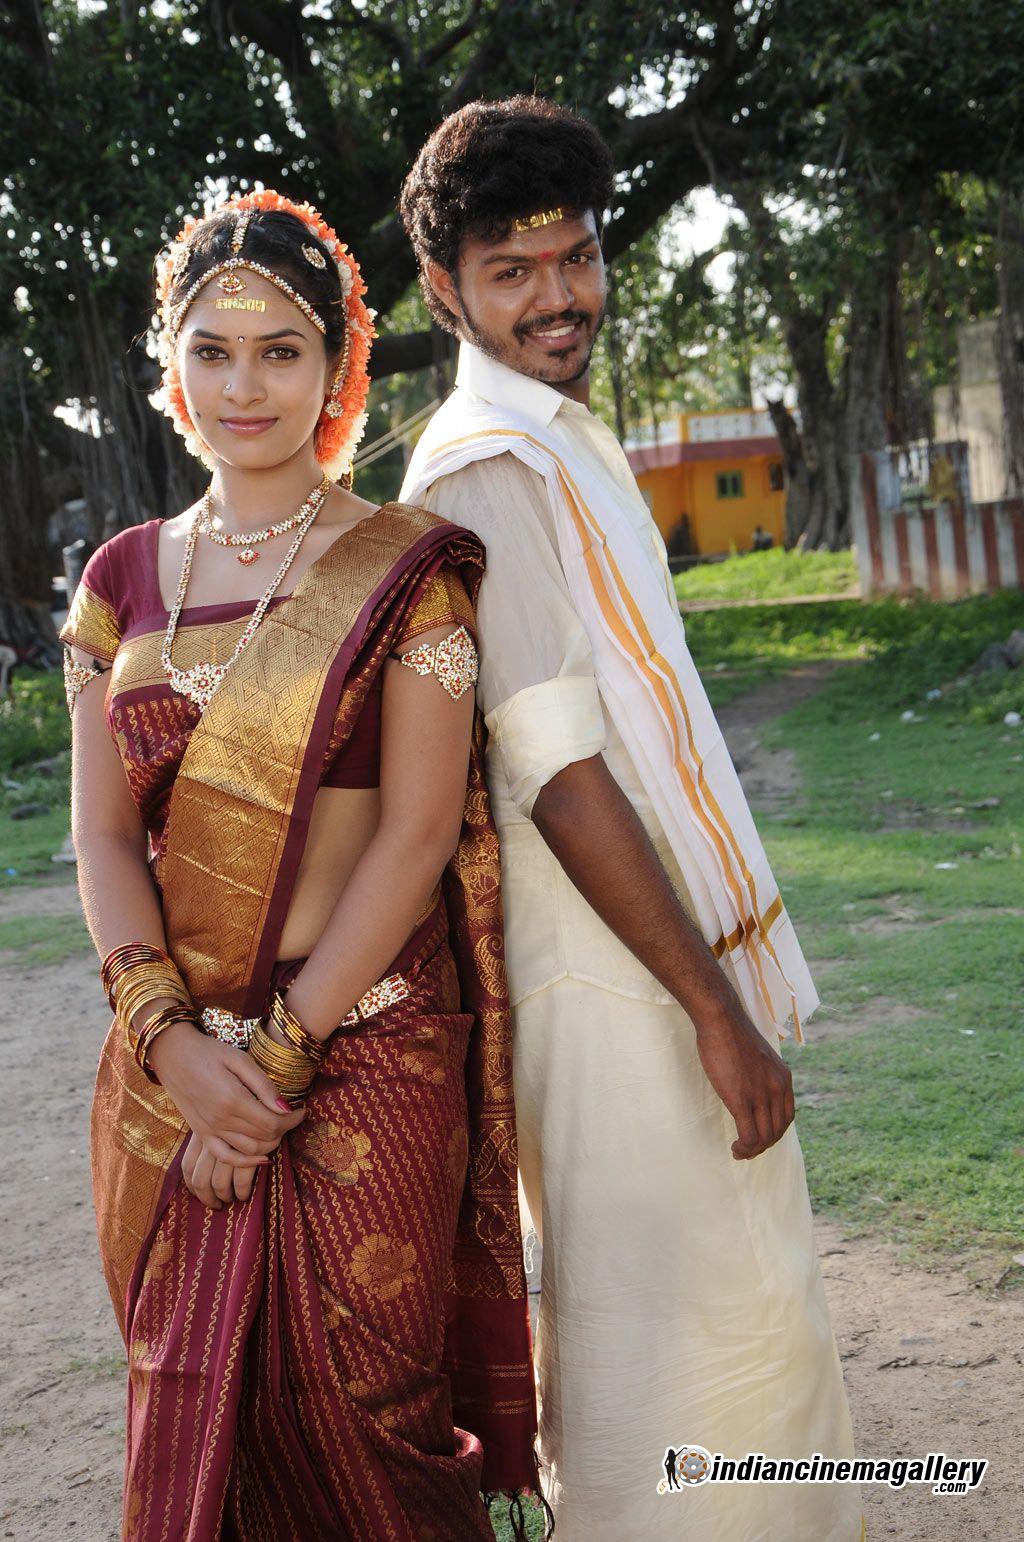 Oruvar Meethu Iruvar Sainthu Movie Hot Photos - Cine ActrezOruvar Meethu Iruvar Sainthu Poster